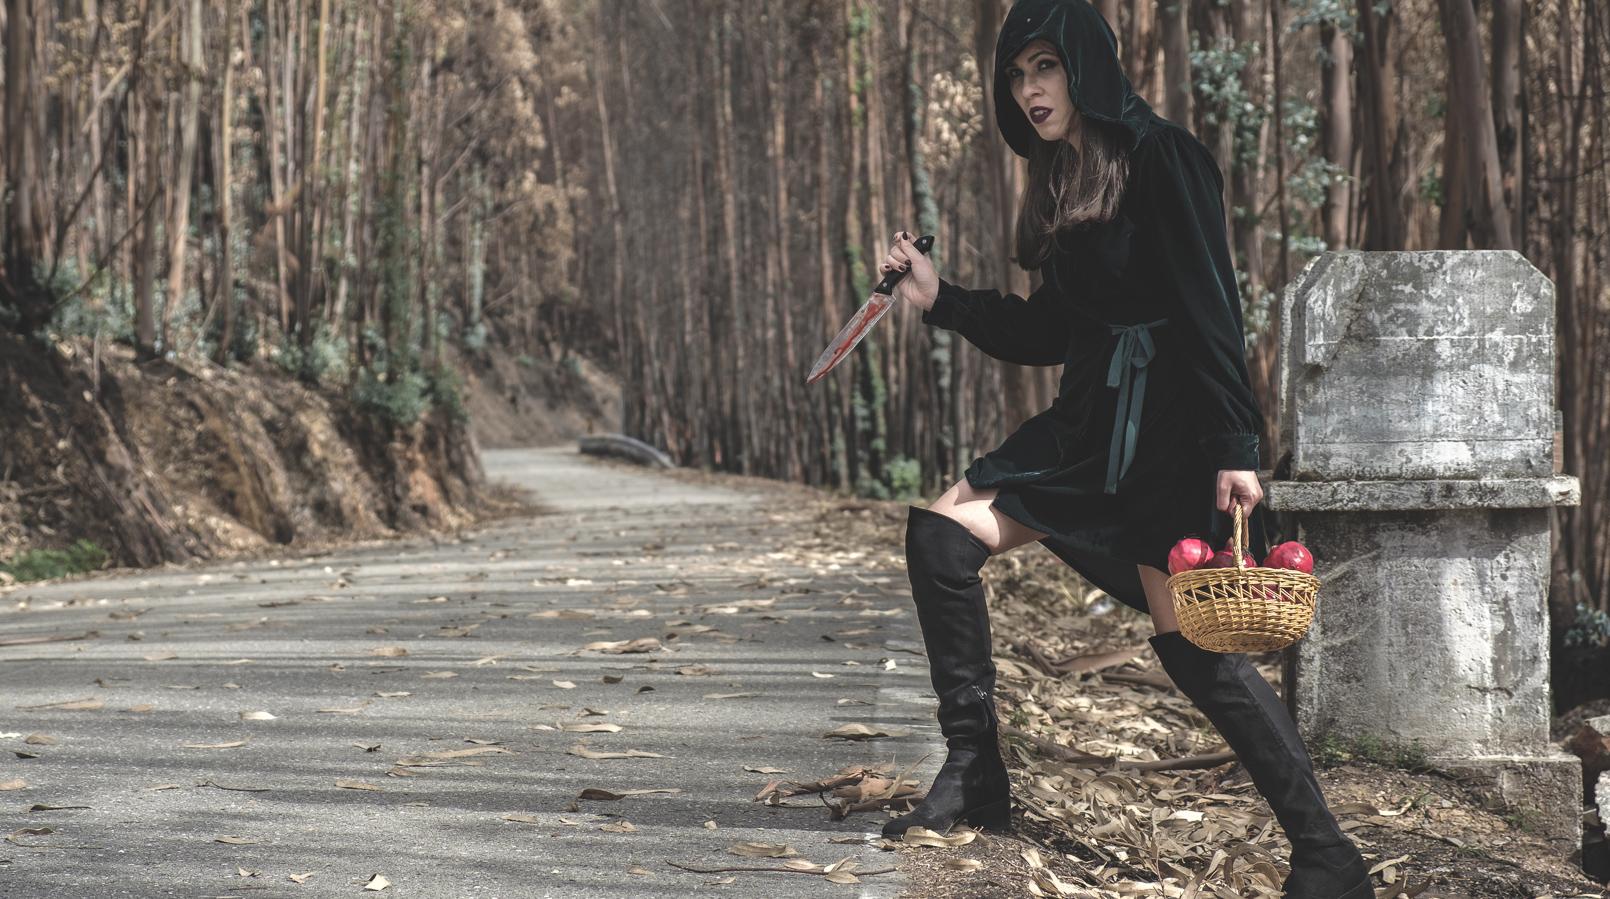 Le Fashionaire O que vestir no Halloween: 2 ideias aterradoras de última hora vestido verde escuro veludo zara faca sangue falso cesta romas vermelho aranhas pretas botas cano alto preto stradivarius 6590F PT